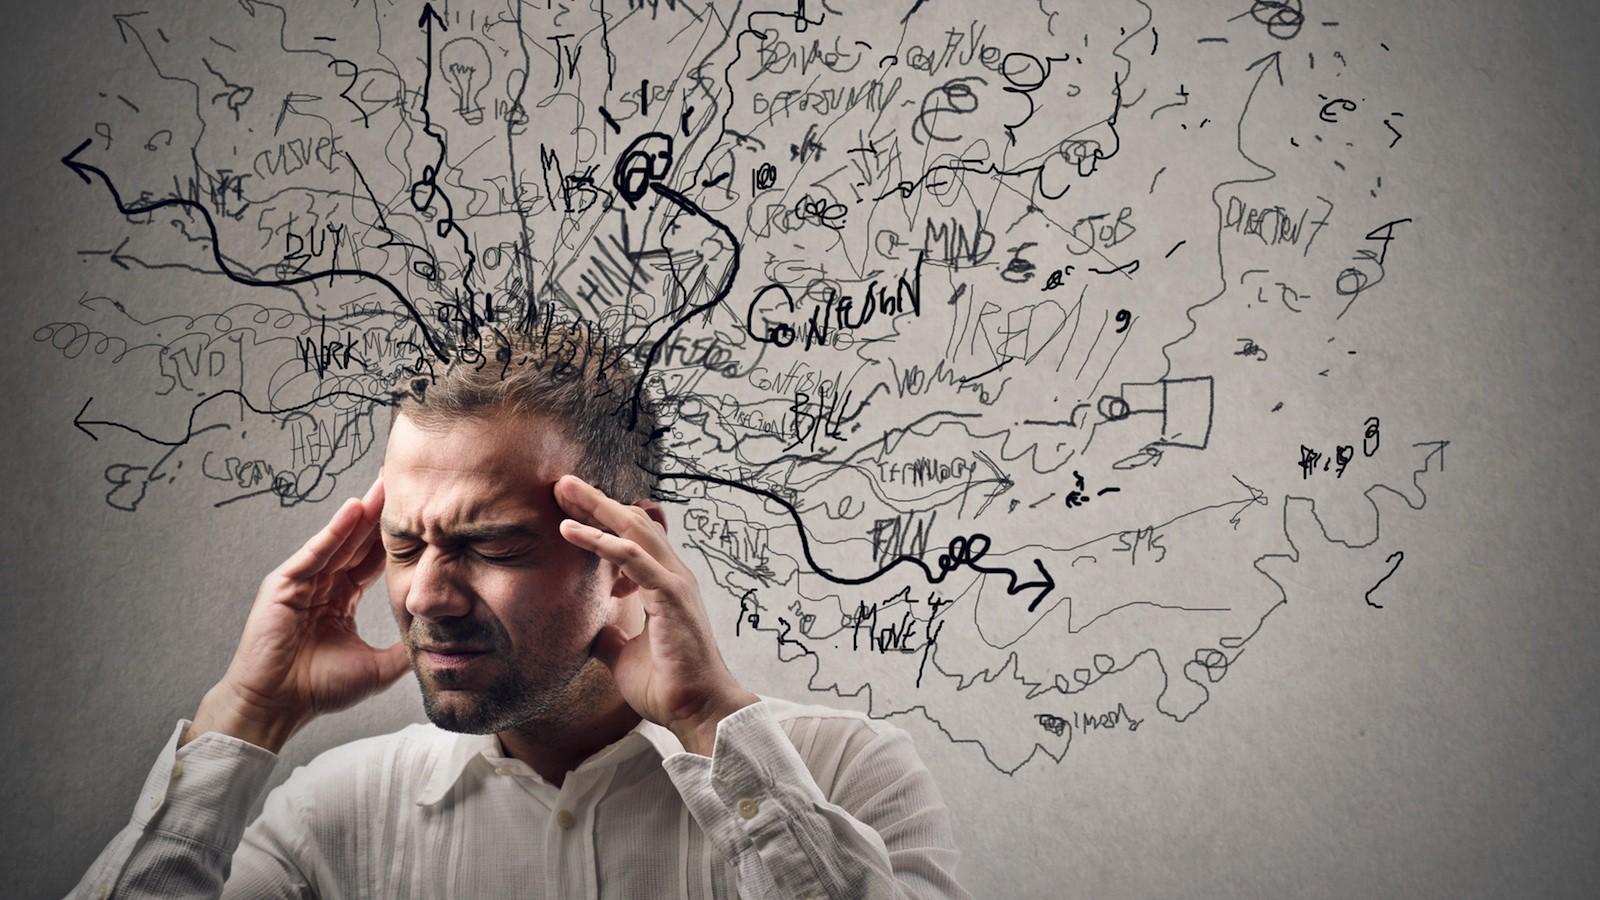 Άγχος, στρες, κρίση πανικού, ψυχική υγεία, ψυχοθεραπεία, ψυχανάλυση